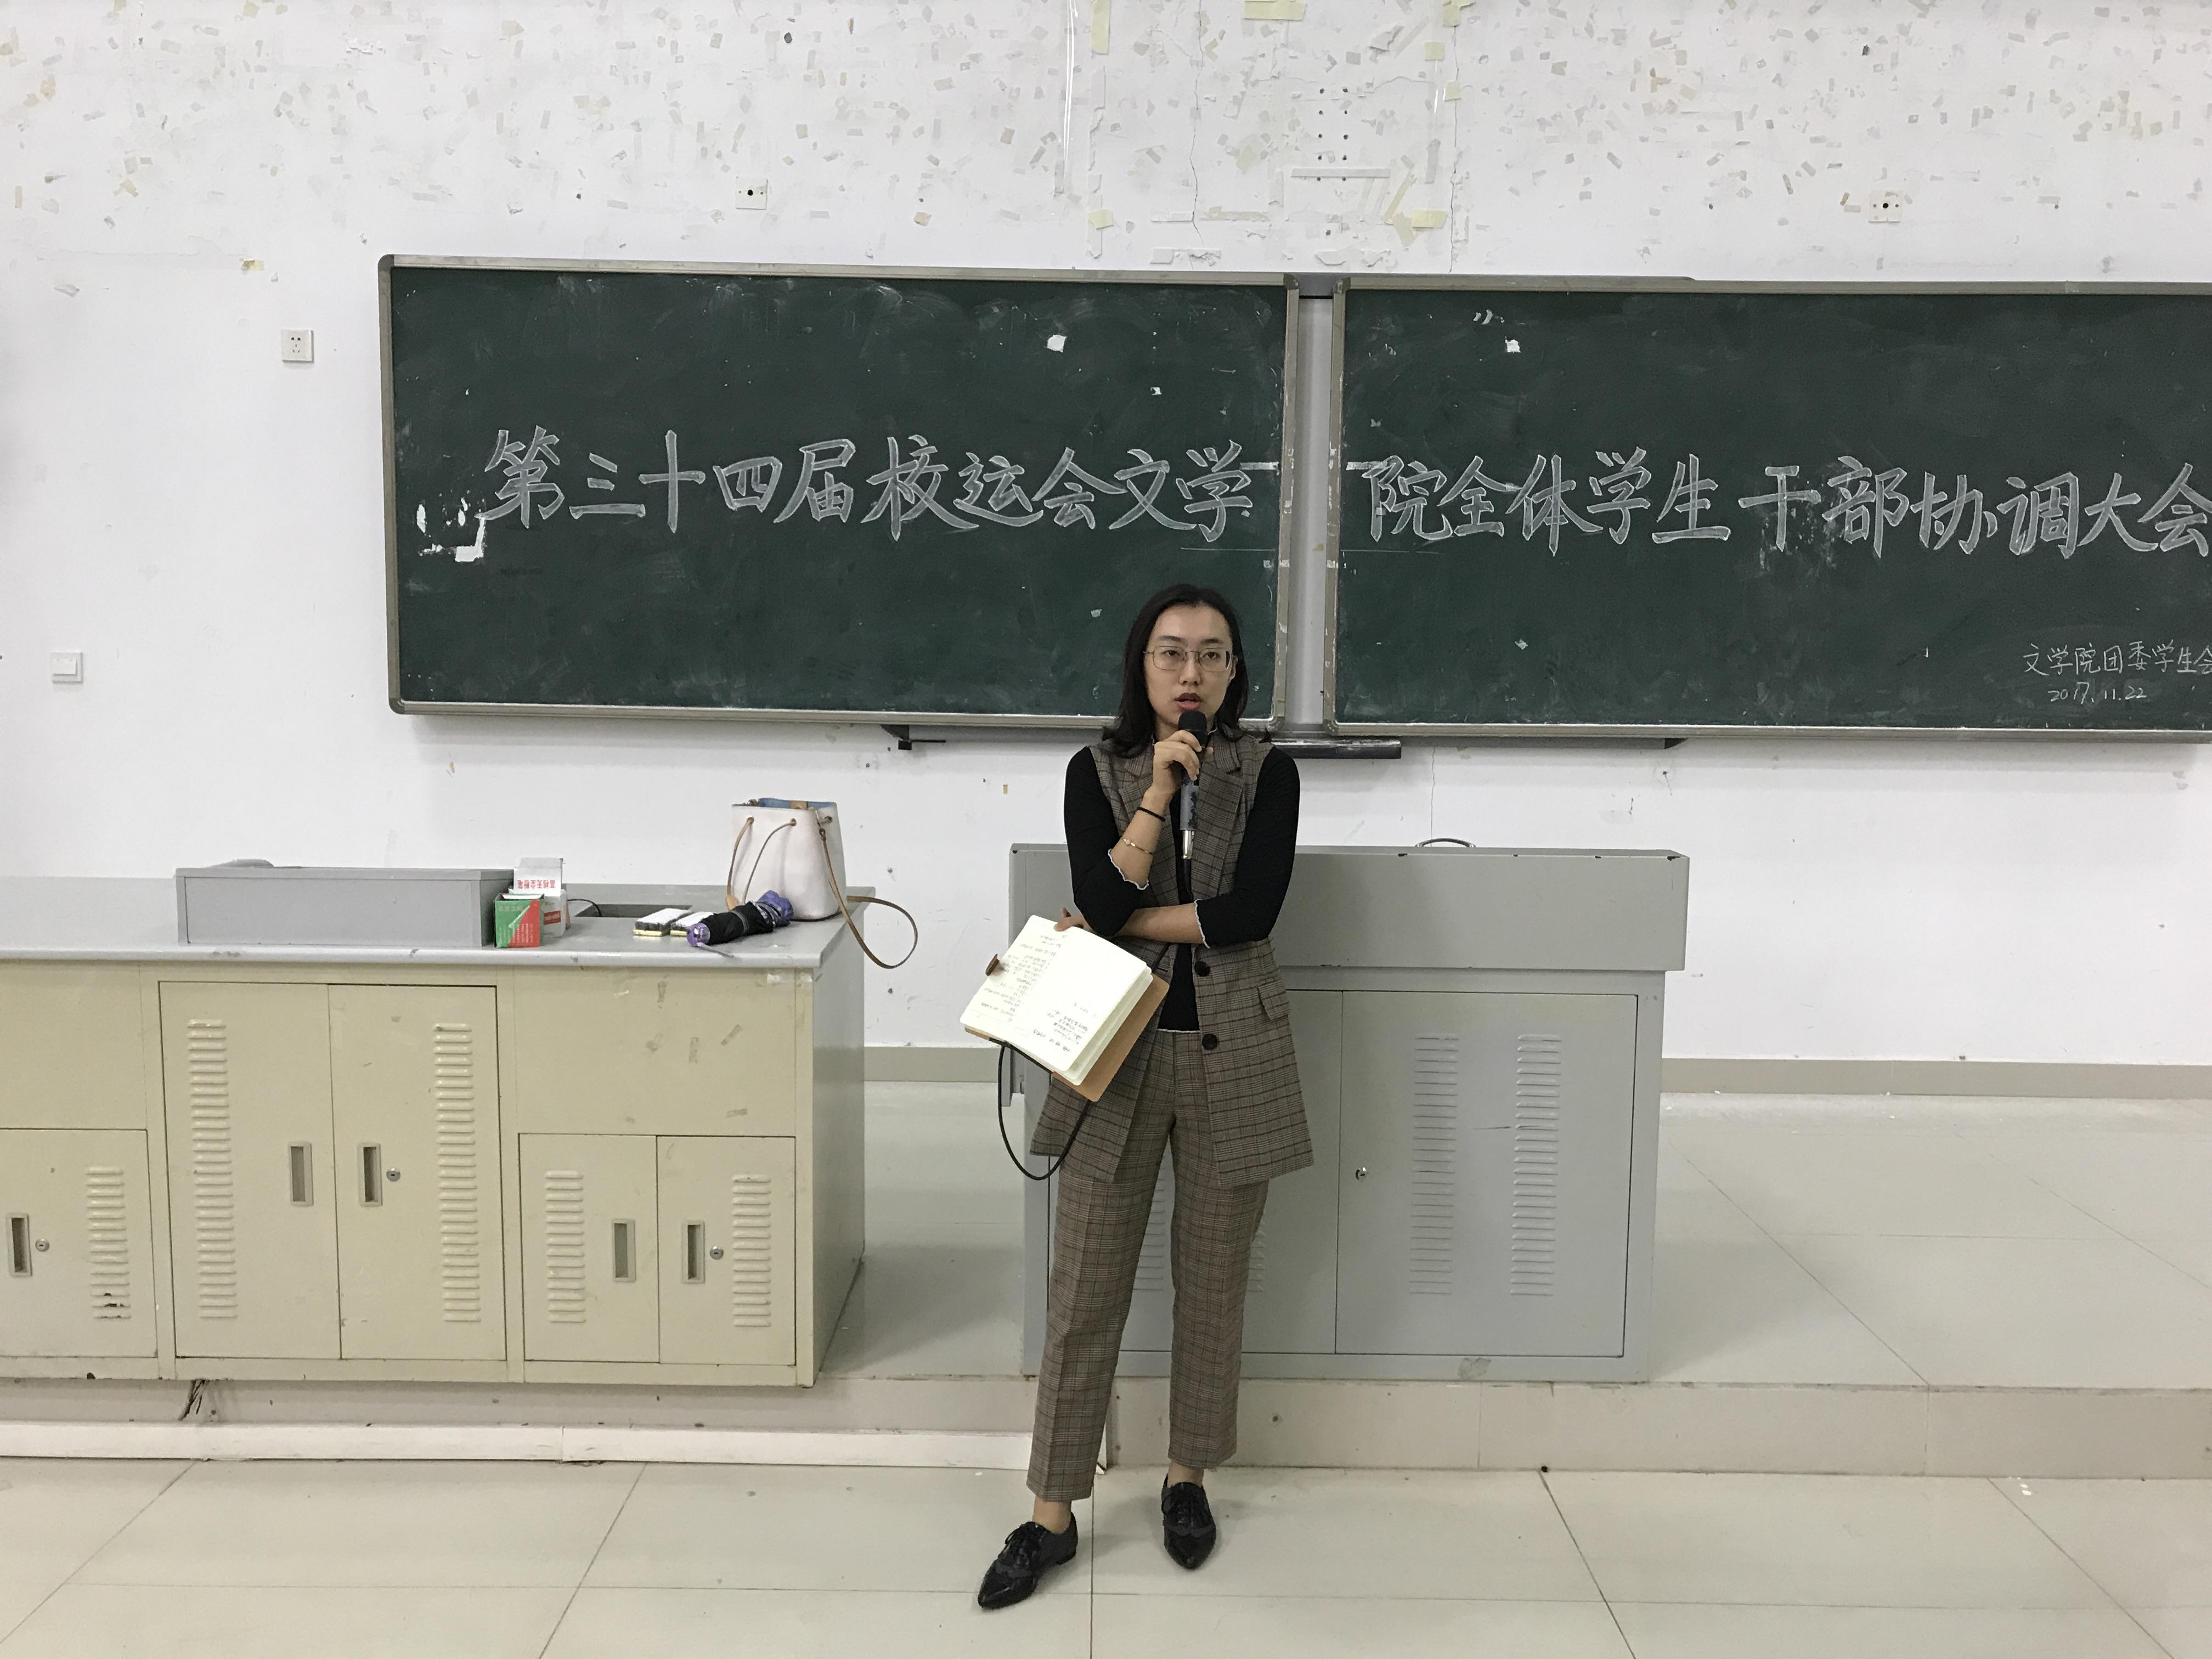 青年之声·第三十四届校运动会文学院全体学生干部协调大会